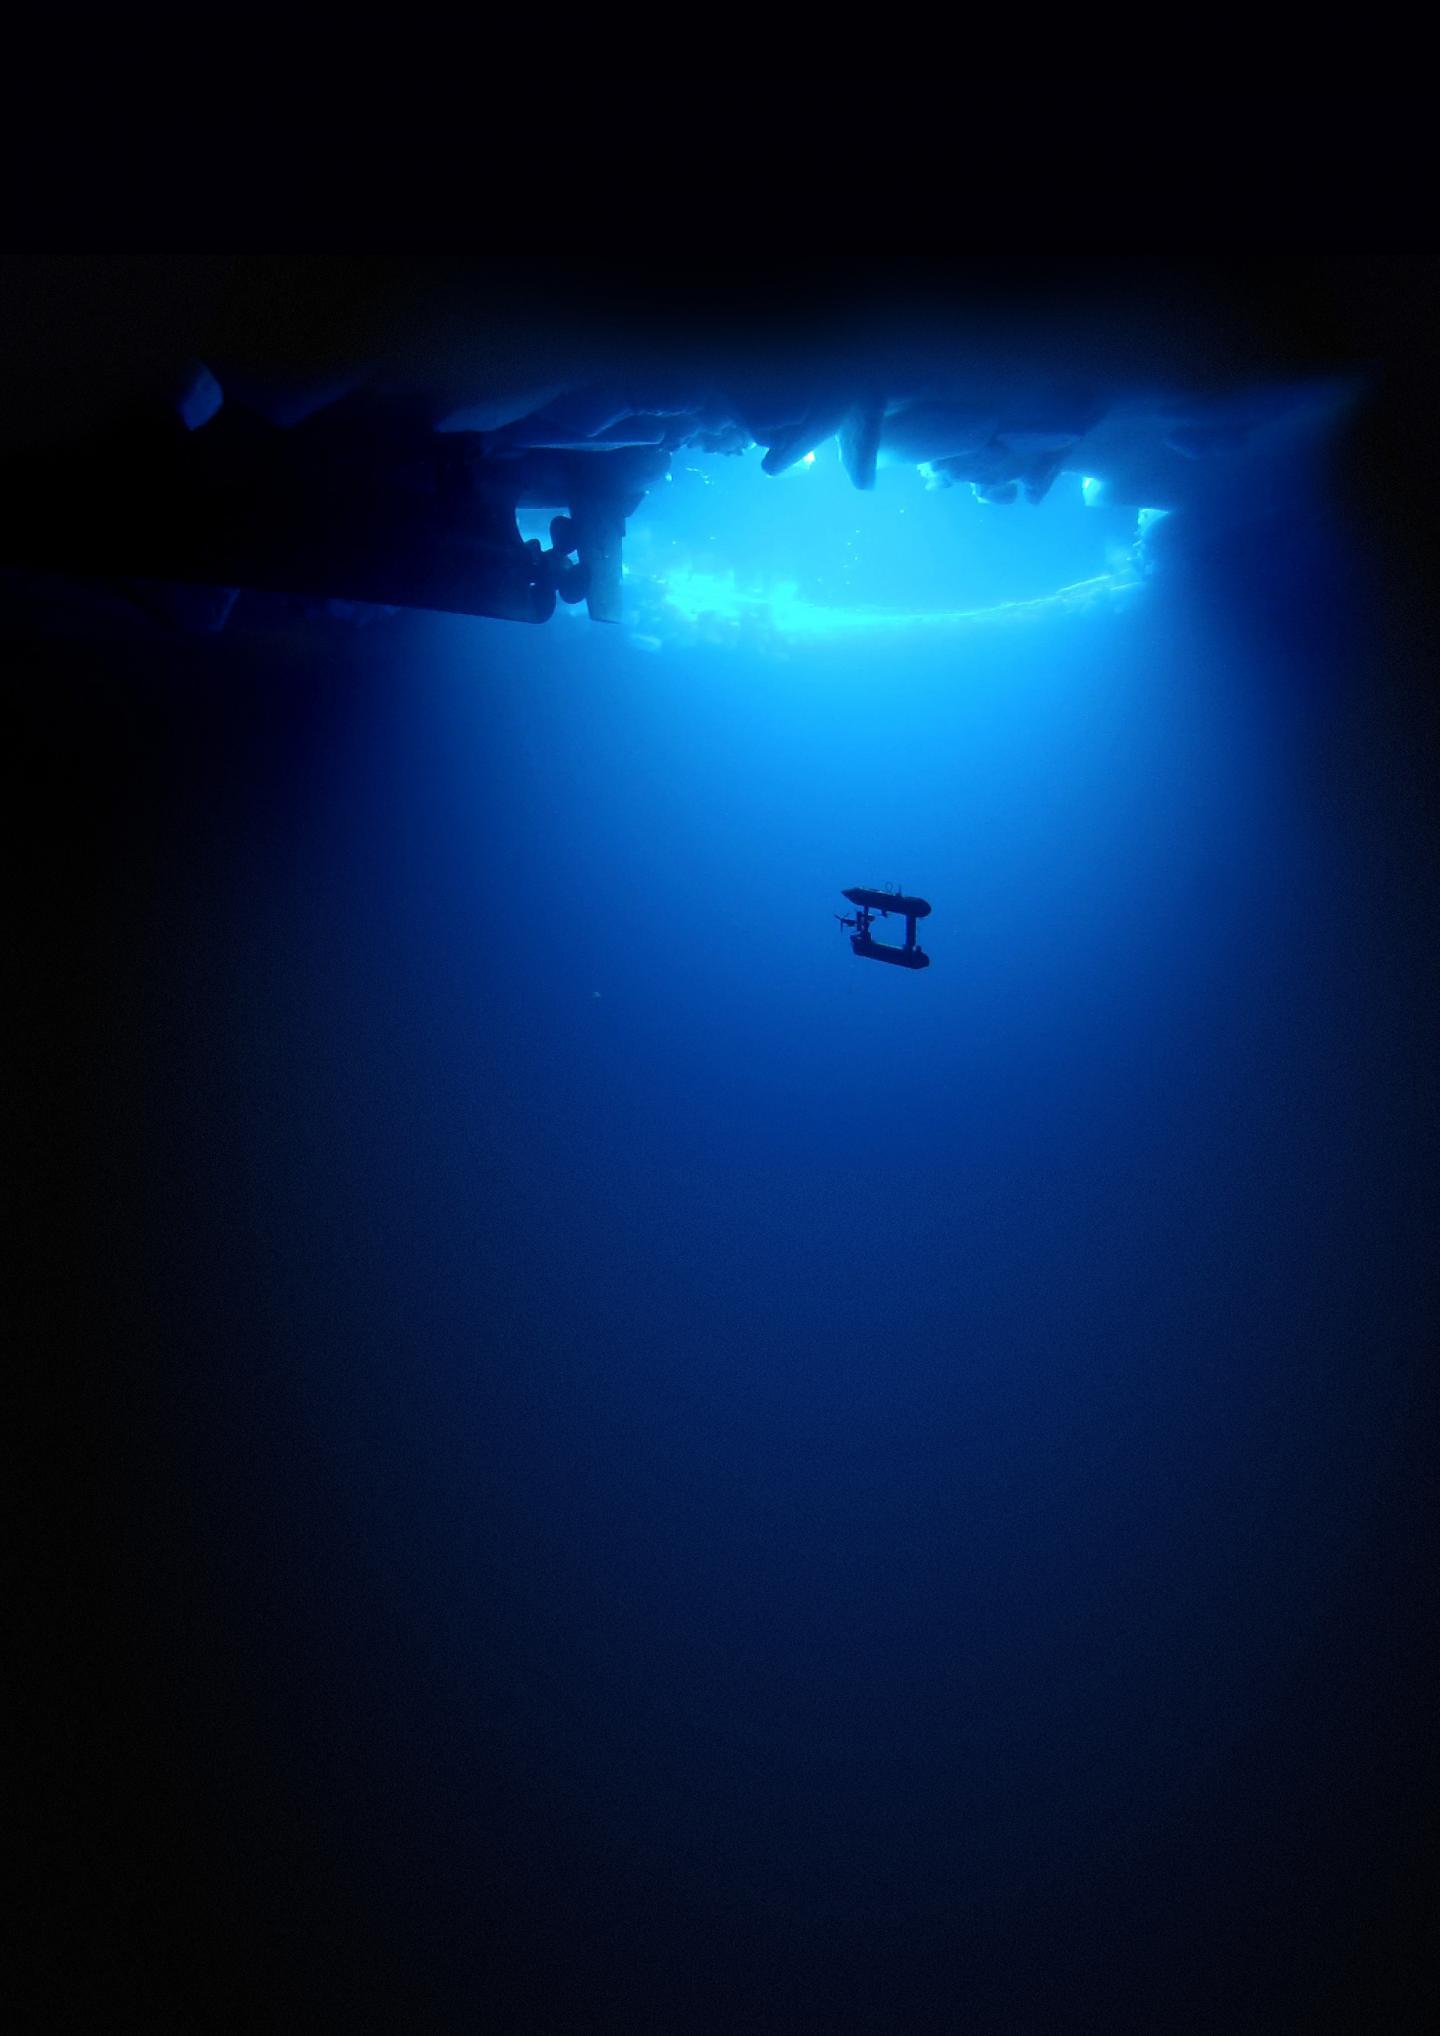 AUV Under Water